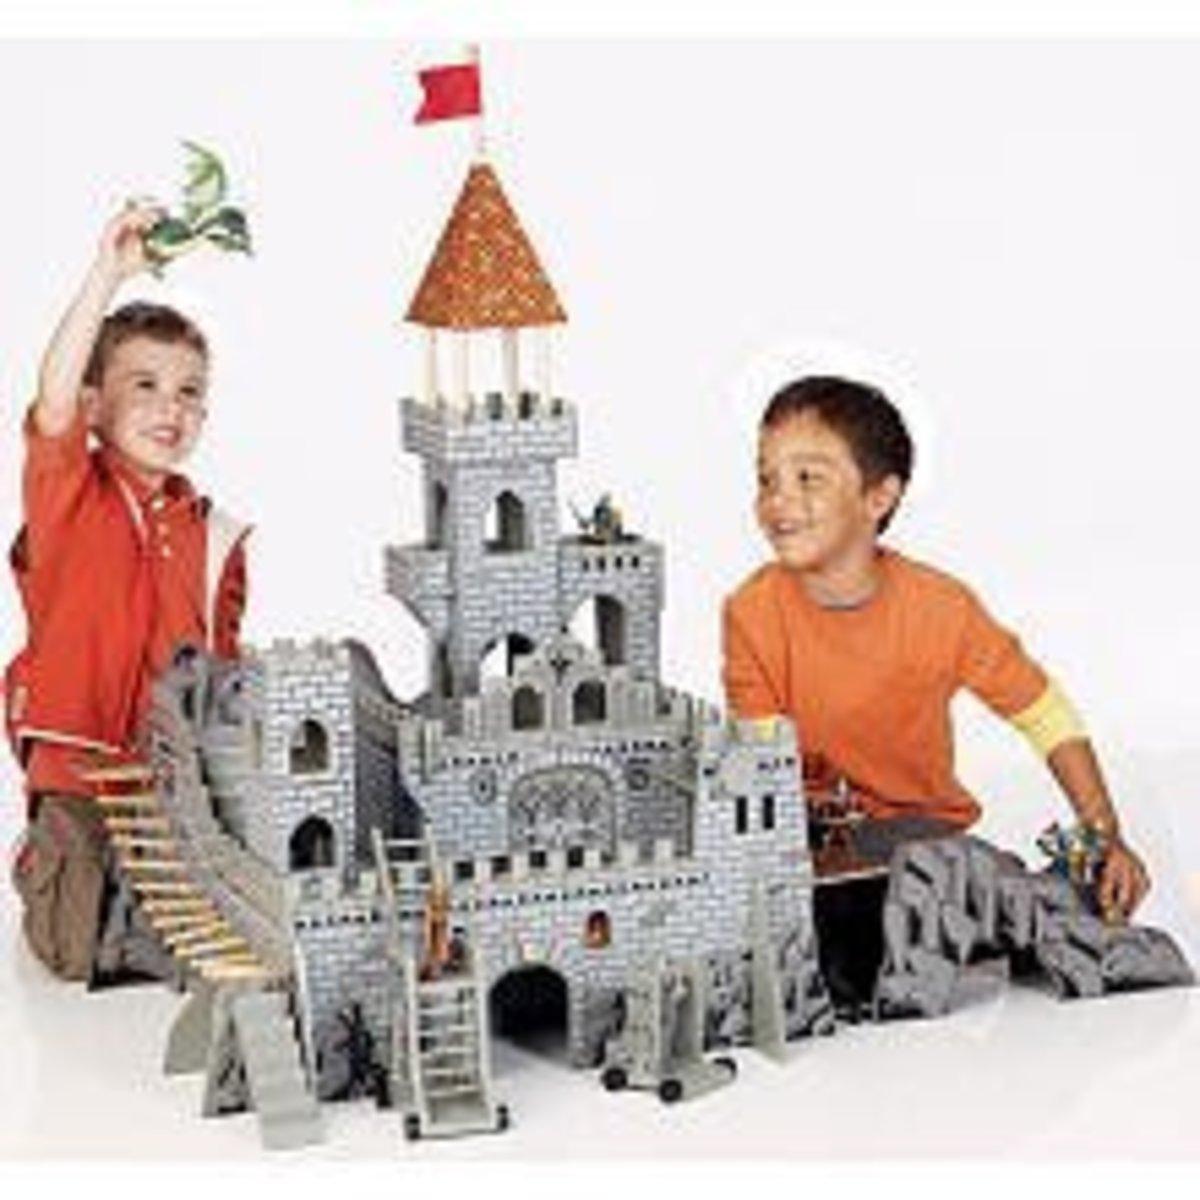 imaginarium medieval castle instructions